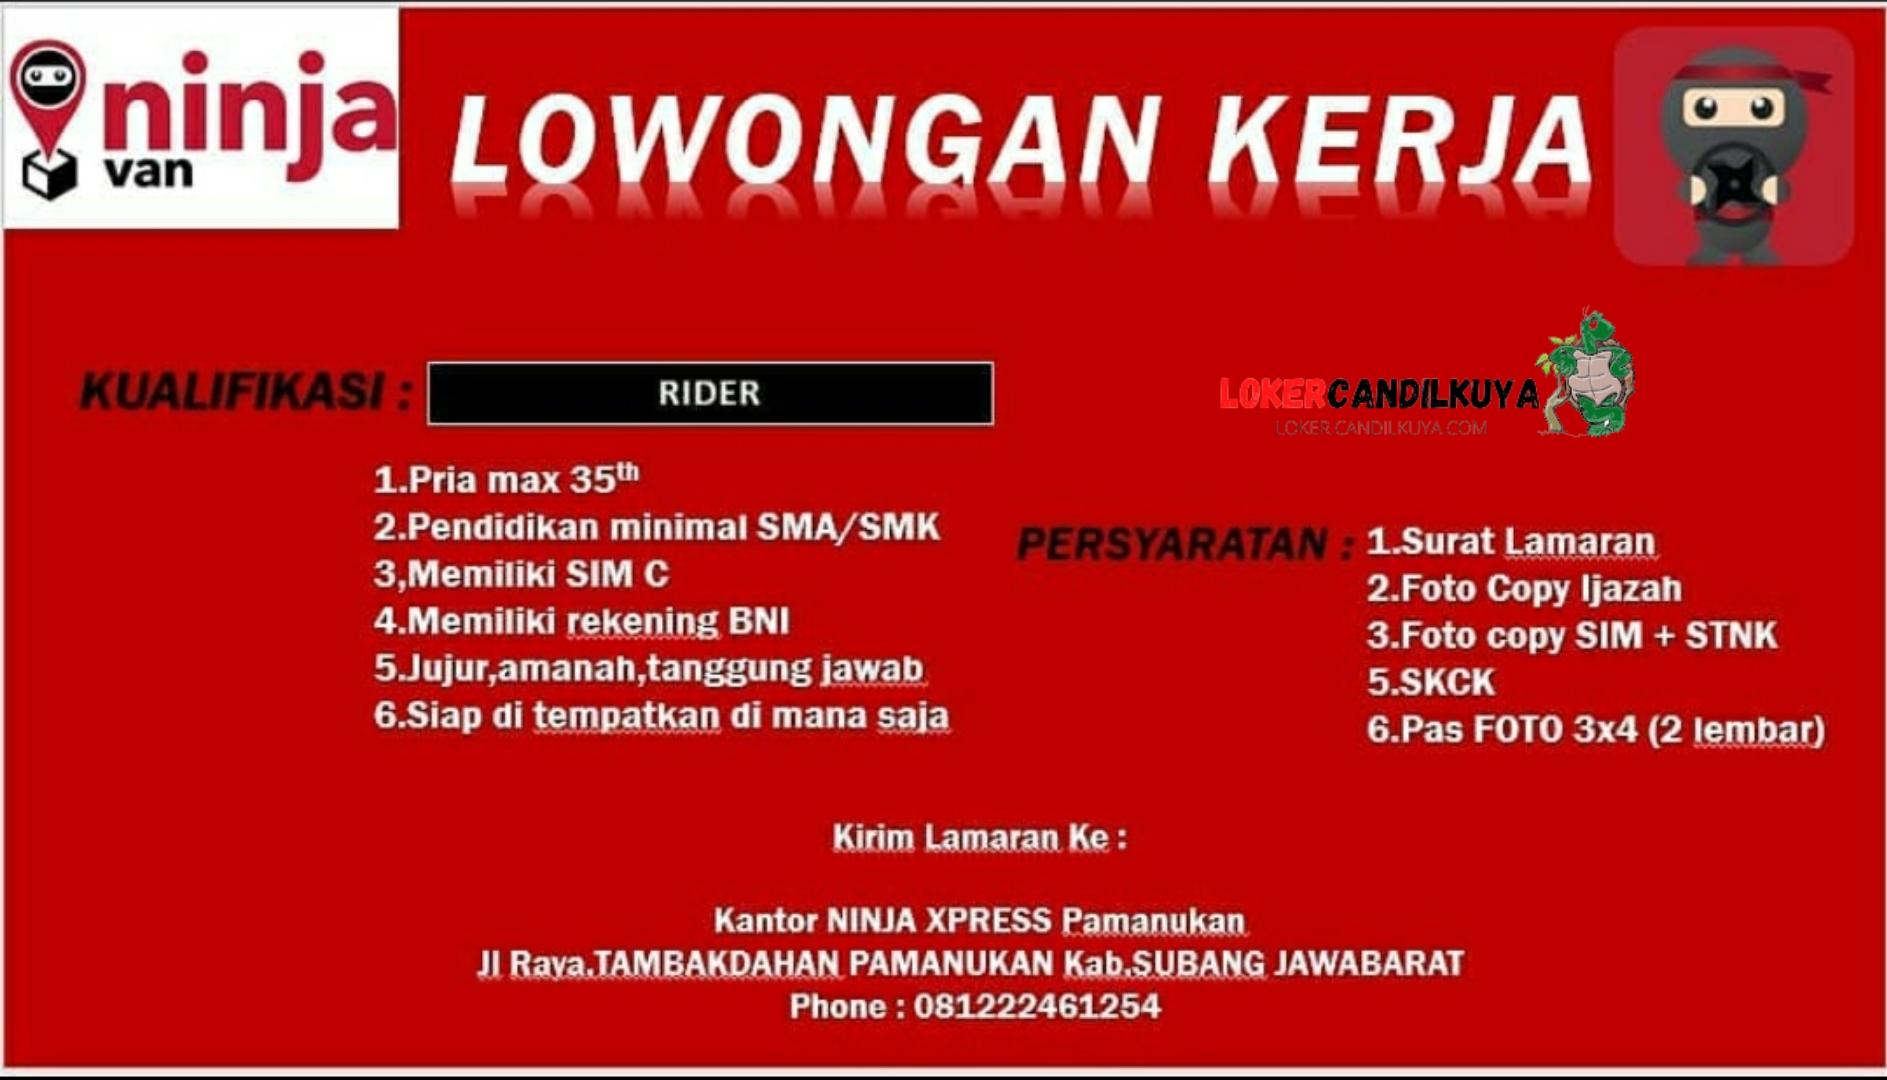 Lowongan Kerja Ninja Express Subang